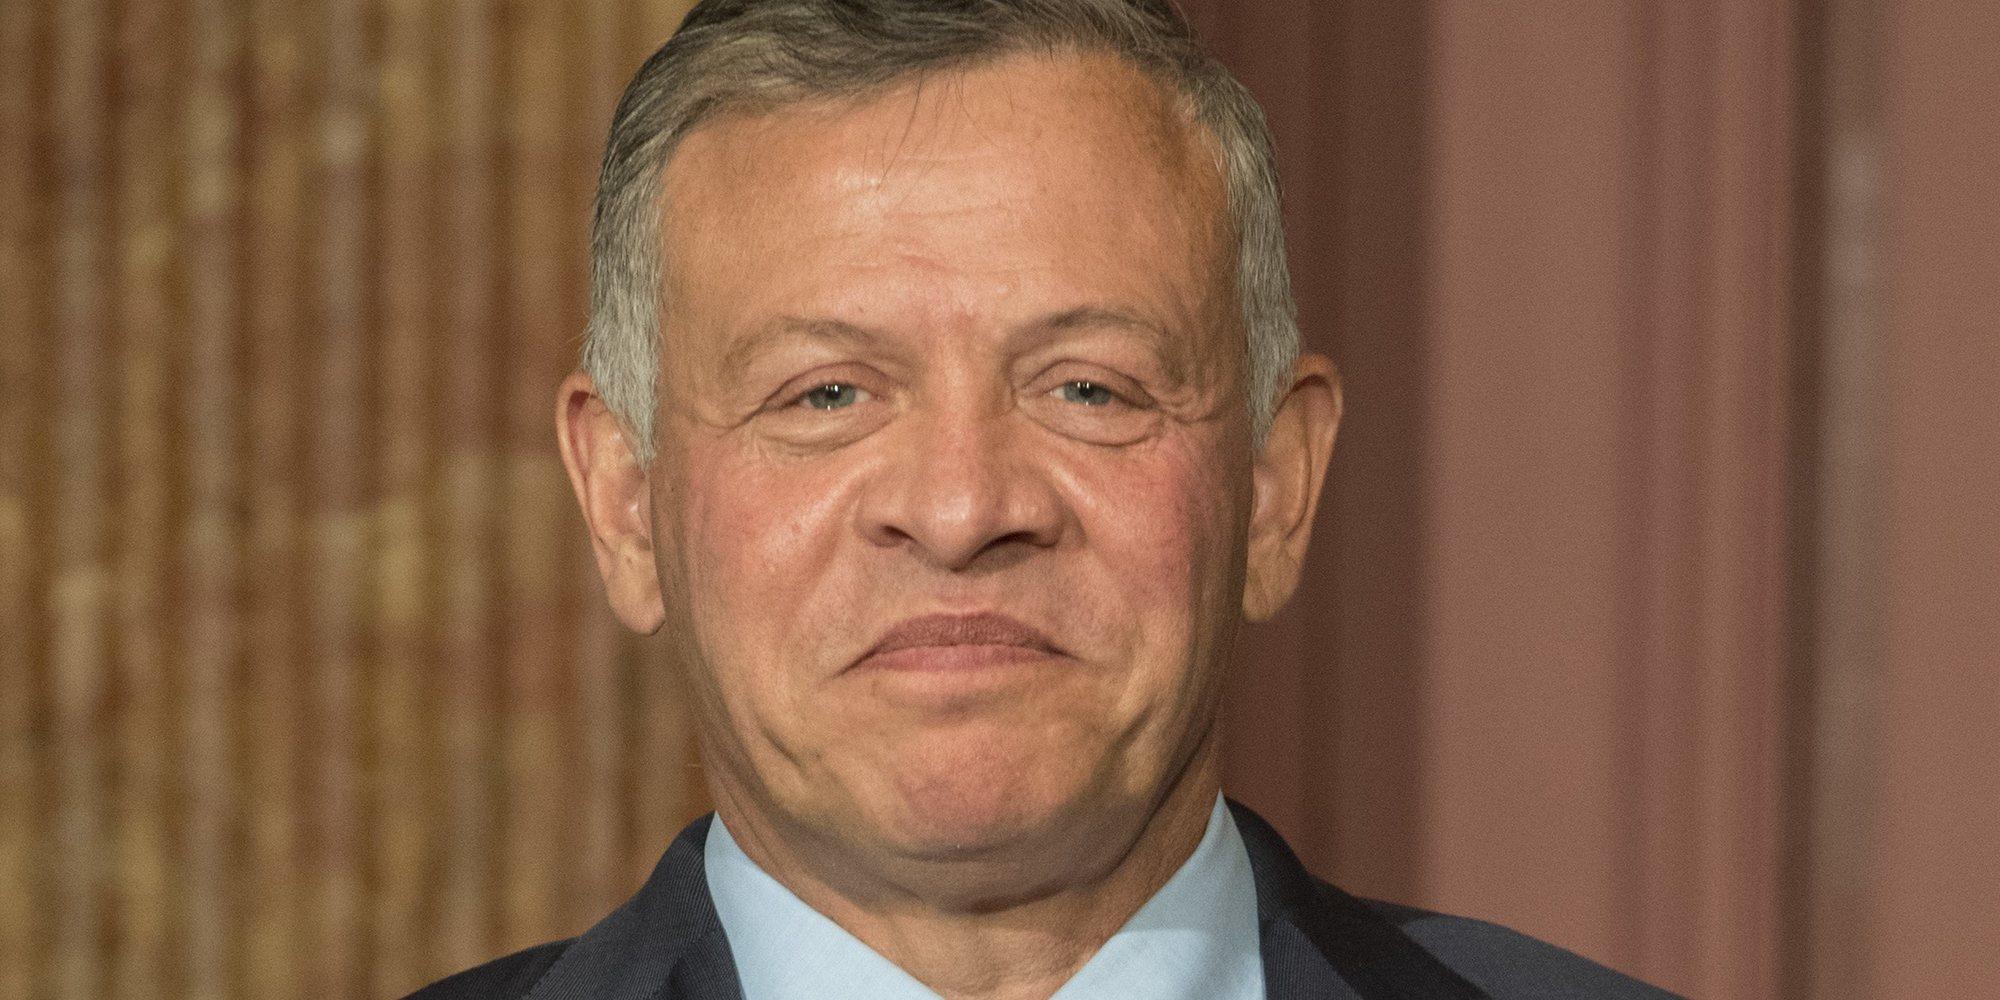 El Rey Abdalá de Jordania apoya a su hermana a Haya de Jordania y le otorga un cargo diplomático en la embajada